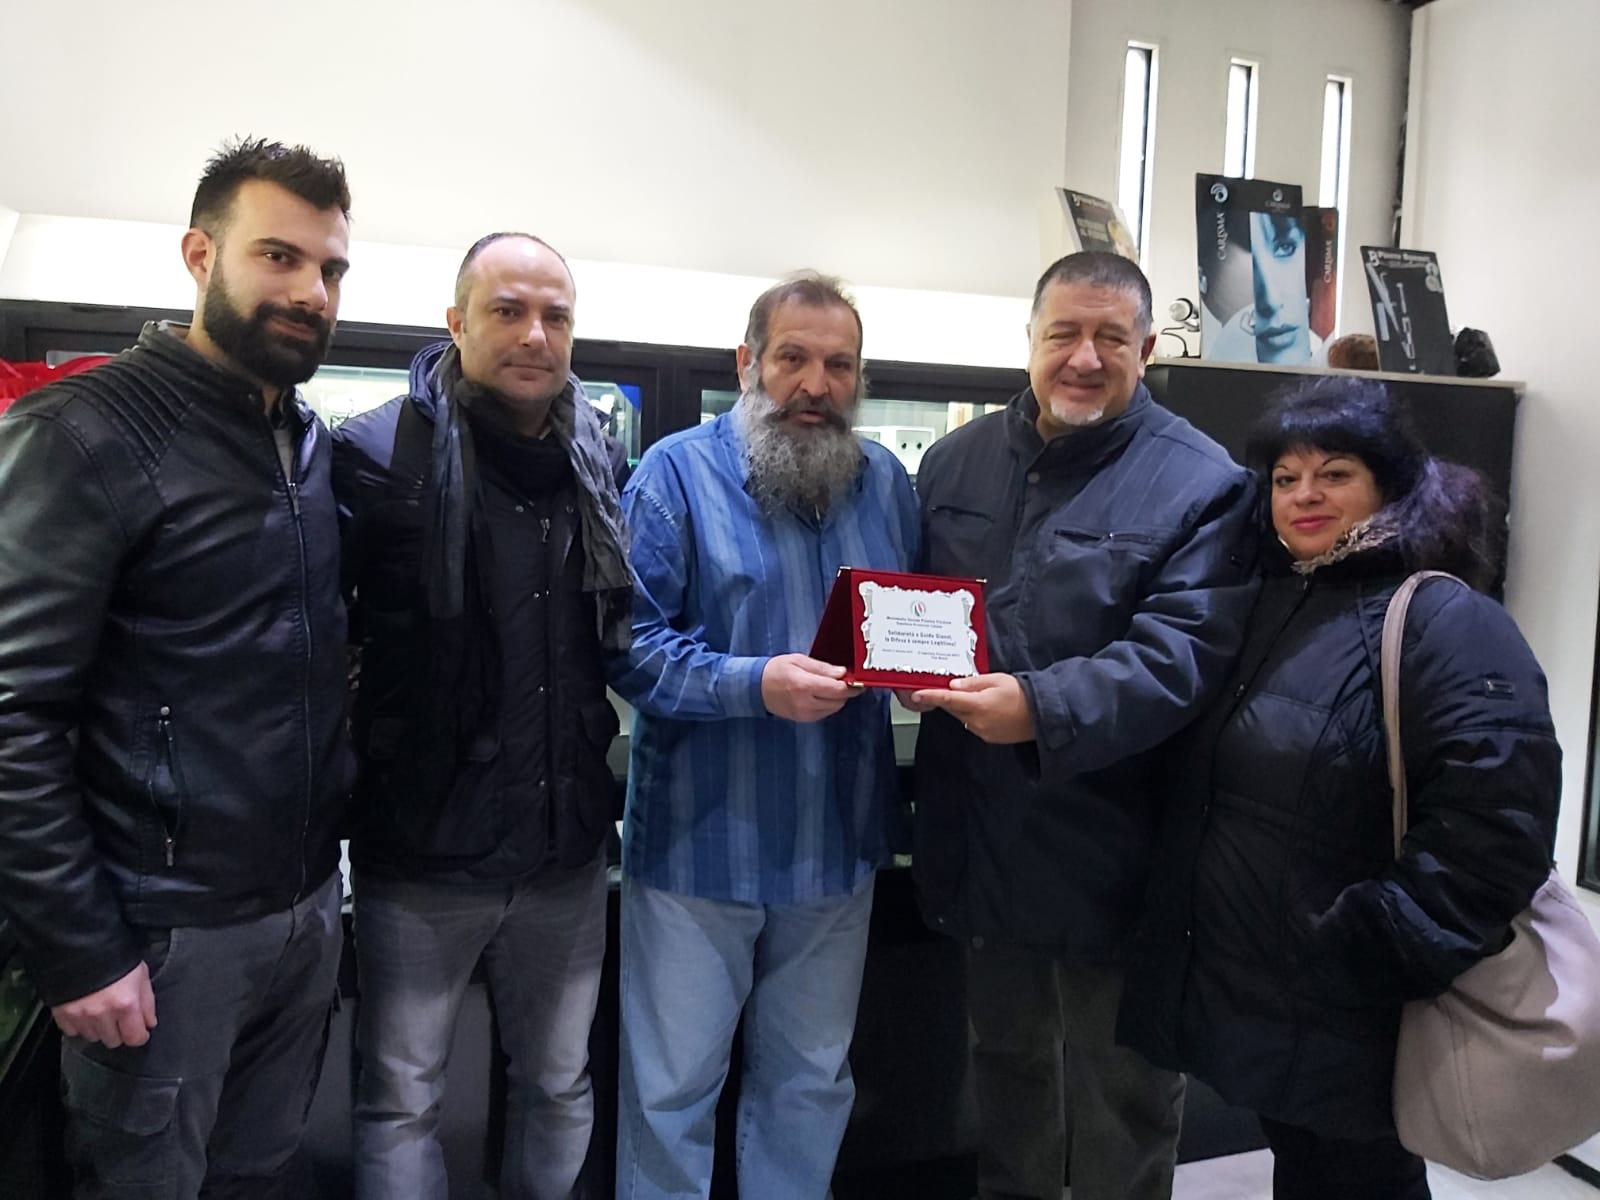 Il Movimento Sociale FT incontra il Sig. Gianni, condannato dopo essere stato vittima di una rapina